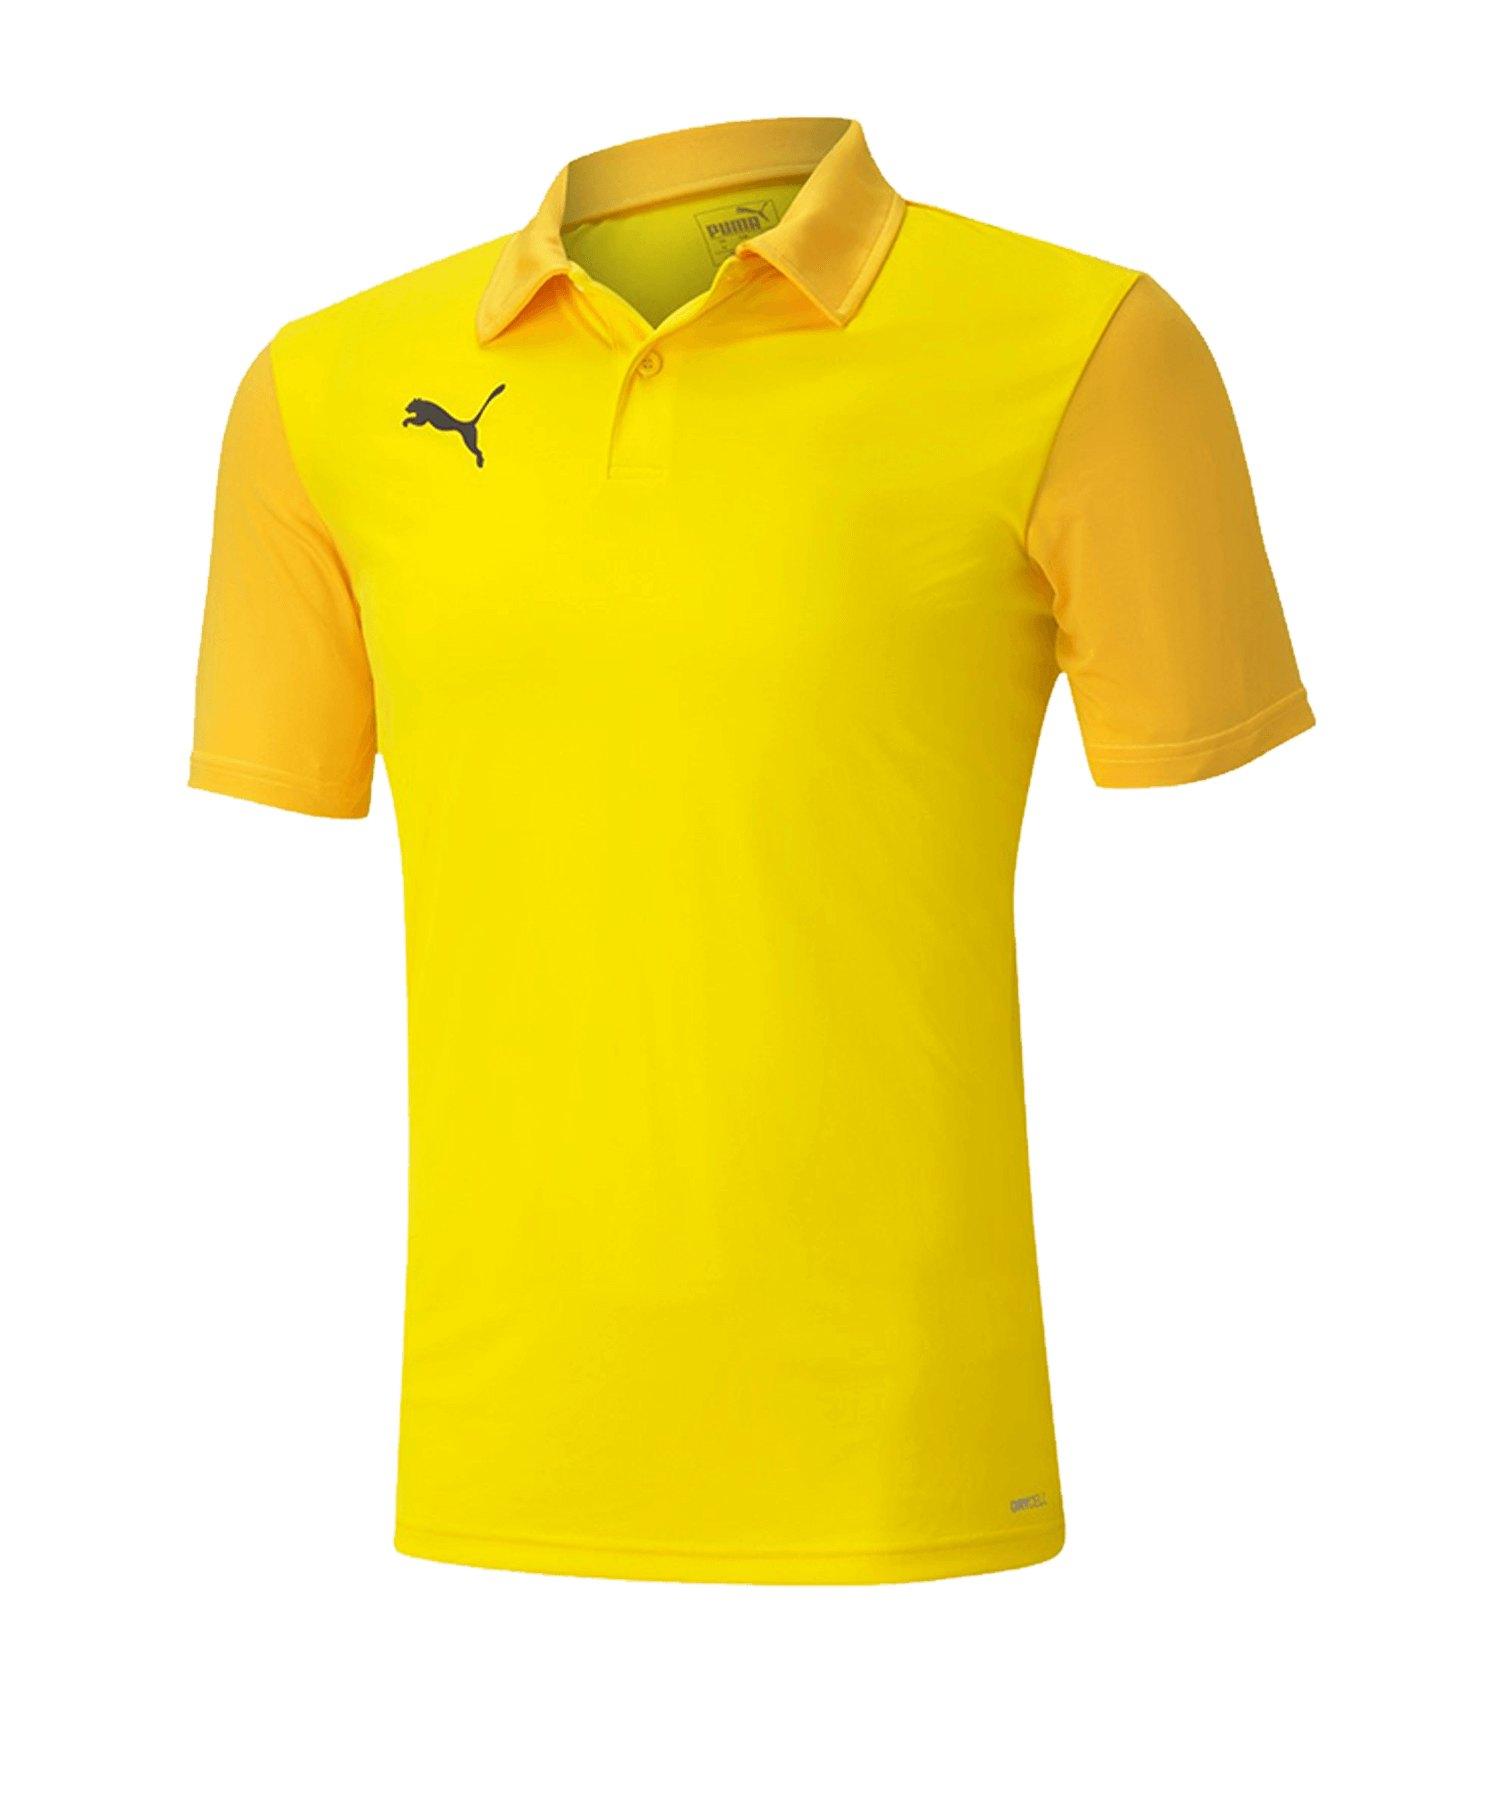 PUMA teamGOAL 23 Sideline Poloshirt Gelb F07 - gelb